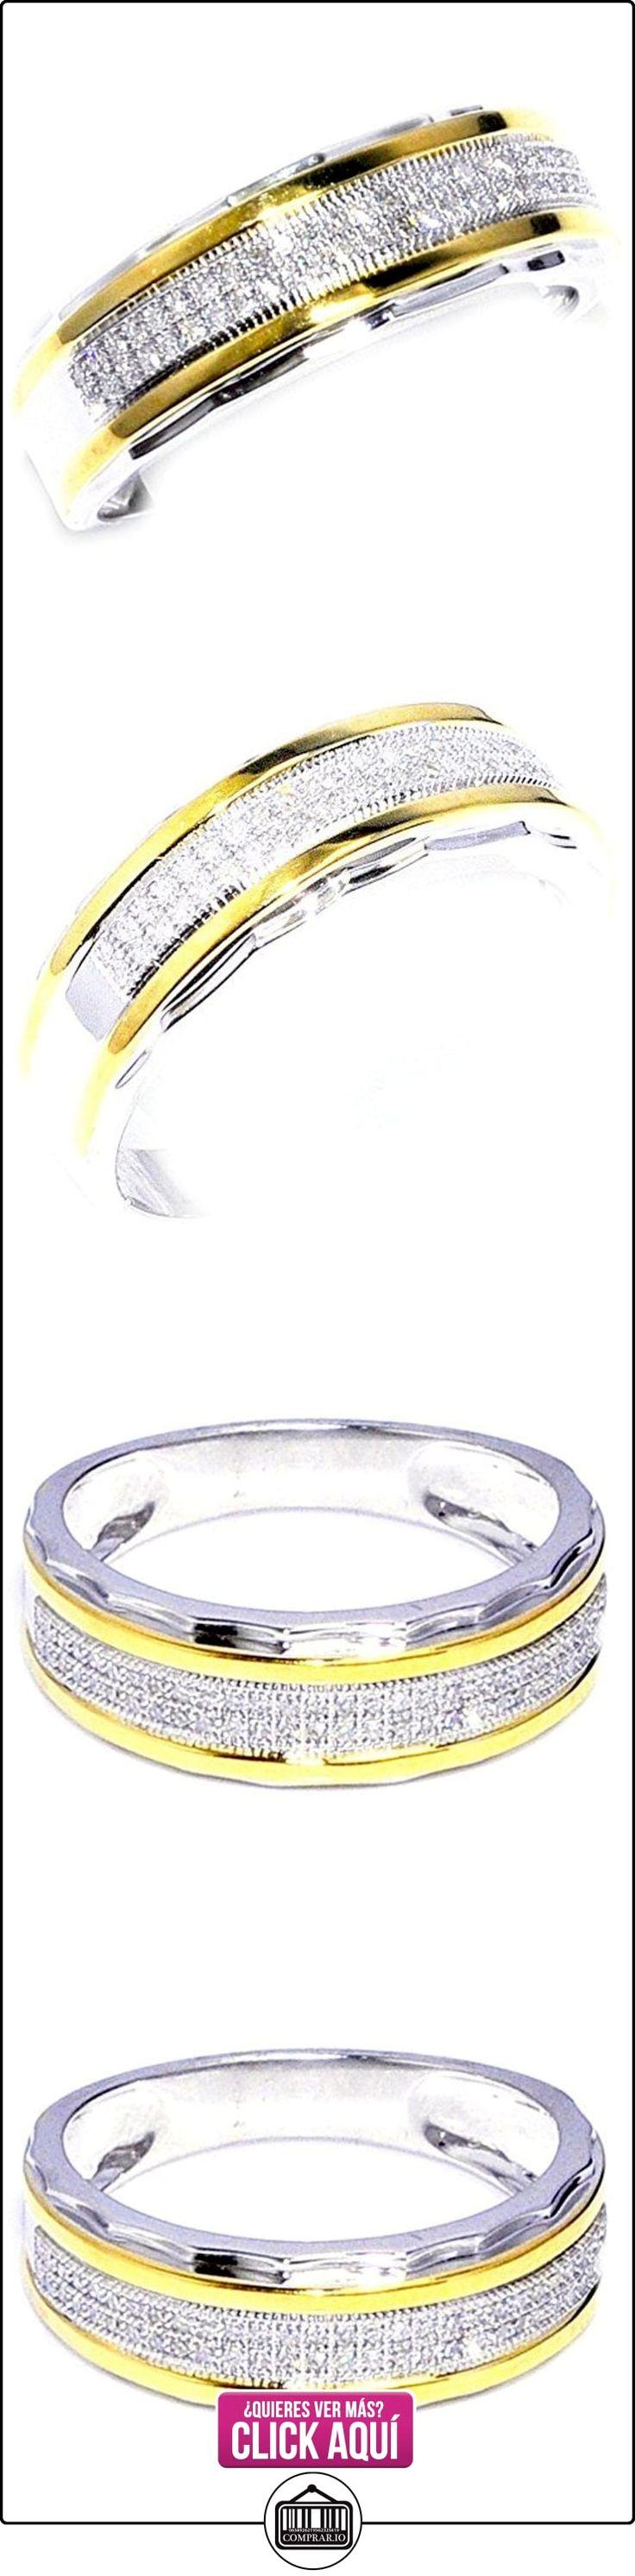 Midwest joyas hombre Diamante Anillos de Boda 1/5cttw Dos Tonos Anillo Oro Blanco Diamante 7,5mm de ancho banda (0.2quilates)  ✿ Joyas para hombres especiales - lujo ✿ ▬► Ver oferta: https://comprar.io/goto/B00SDMAQXS